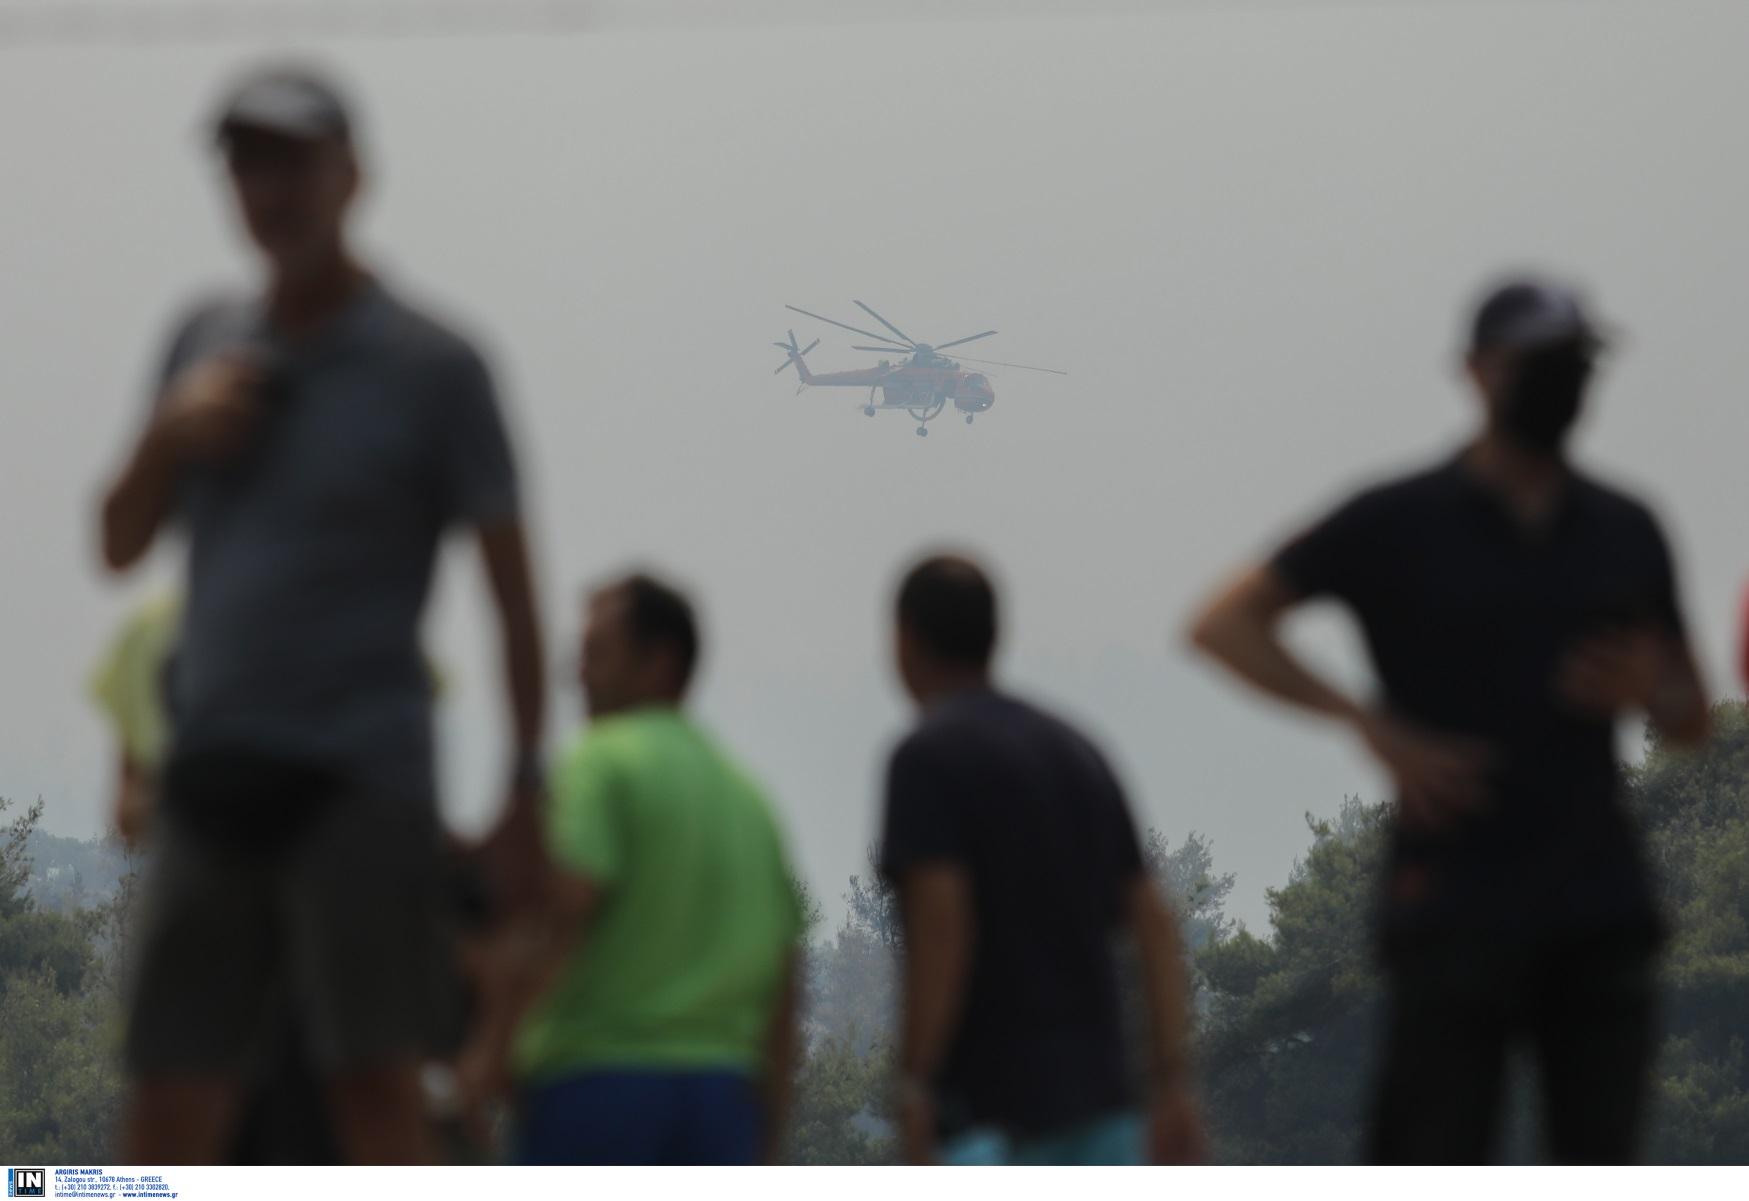 Φωτιές: Αυτά είναι τα 9 μέτρα του Υπουργείου Εργασίας για τους πληγέντες